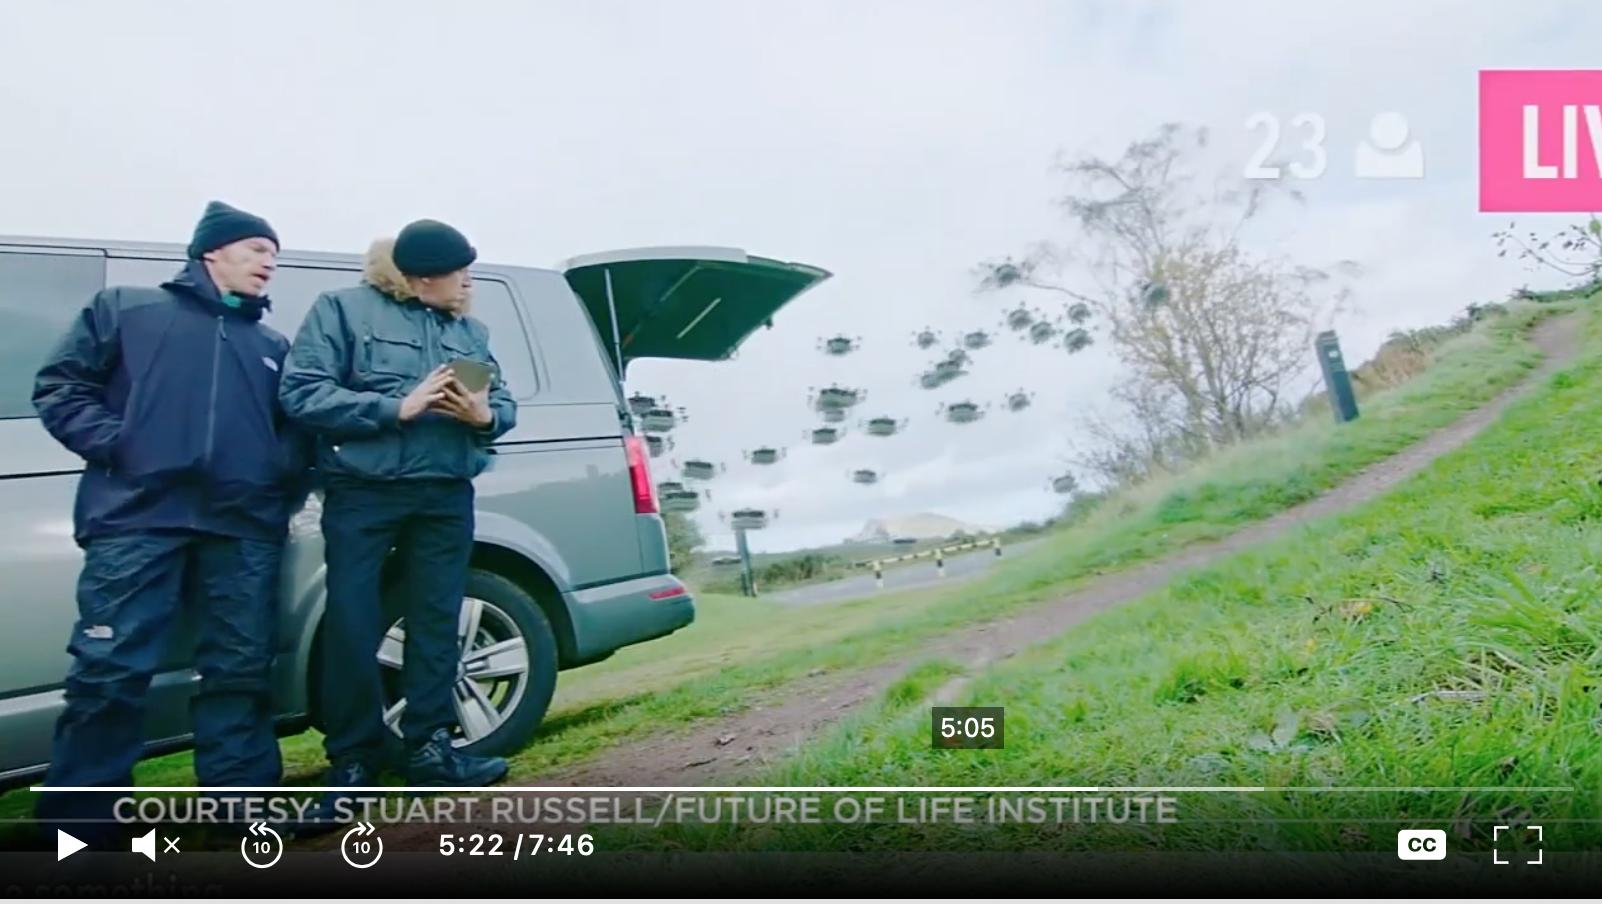 2017年11月,伯克利大學教授羅素(Stuart Russell)在聯合國特定常規武器公約會議上,展示了一個恐怖影片:一群類似科幻劇《黑鏡》(Black Mirror)中殺人蜂的小型機器人衝進課堂,通過人臉識別技術殺死了一群正在上課的學生。圖爲視頻中展示的小型殺人機器人。(視頻截圖)